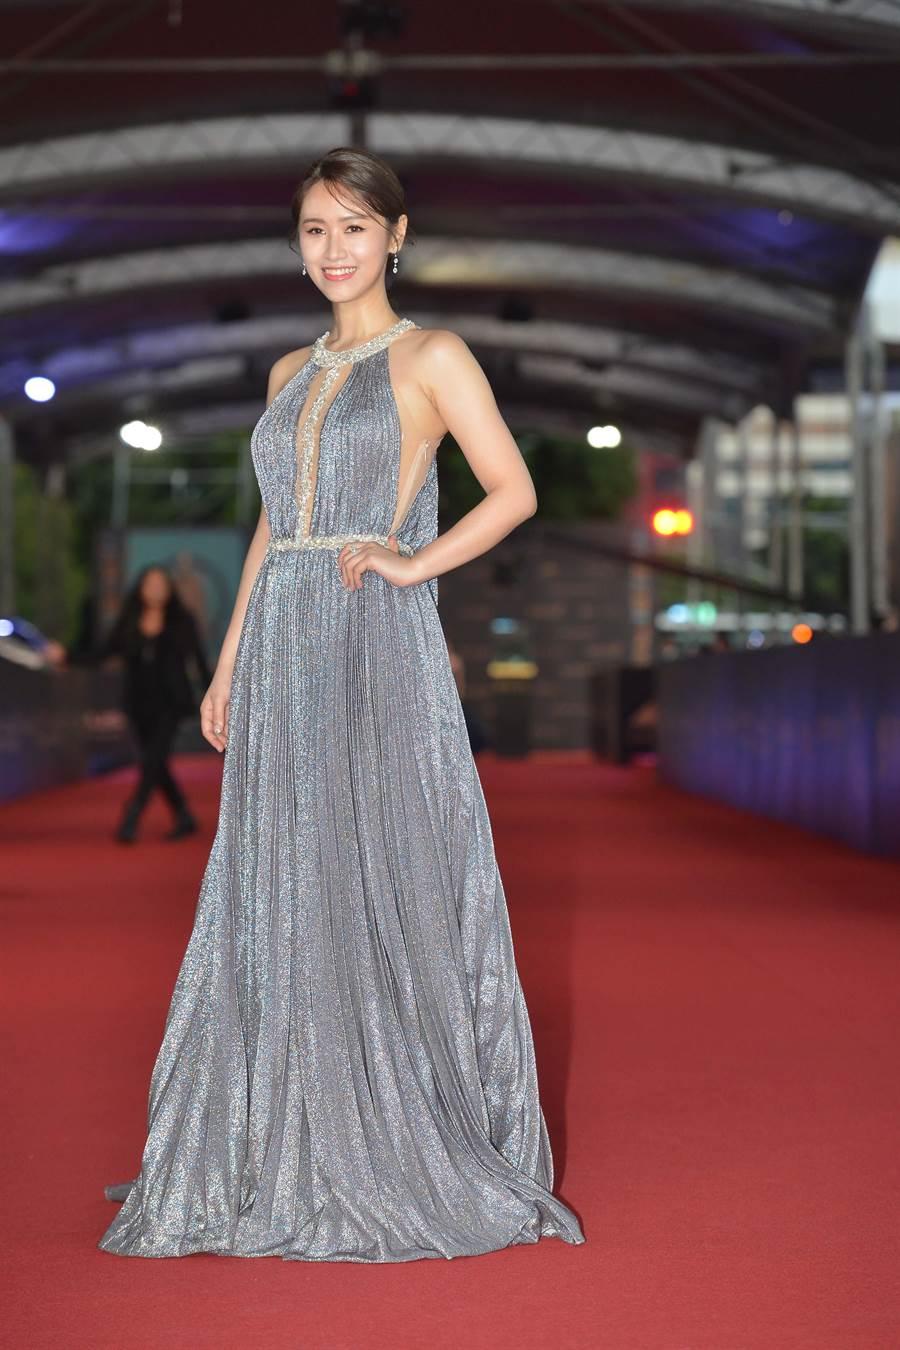 吳姍儒身穿LinLi Boutique淺藍亮片禮服搭配Hearts on Fire鑽飾,性感不減小清新。(本報攝影組)